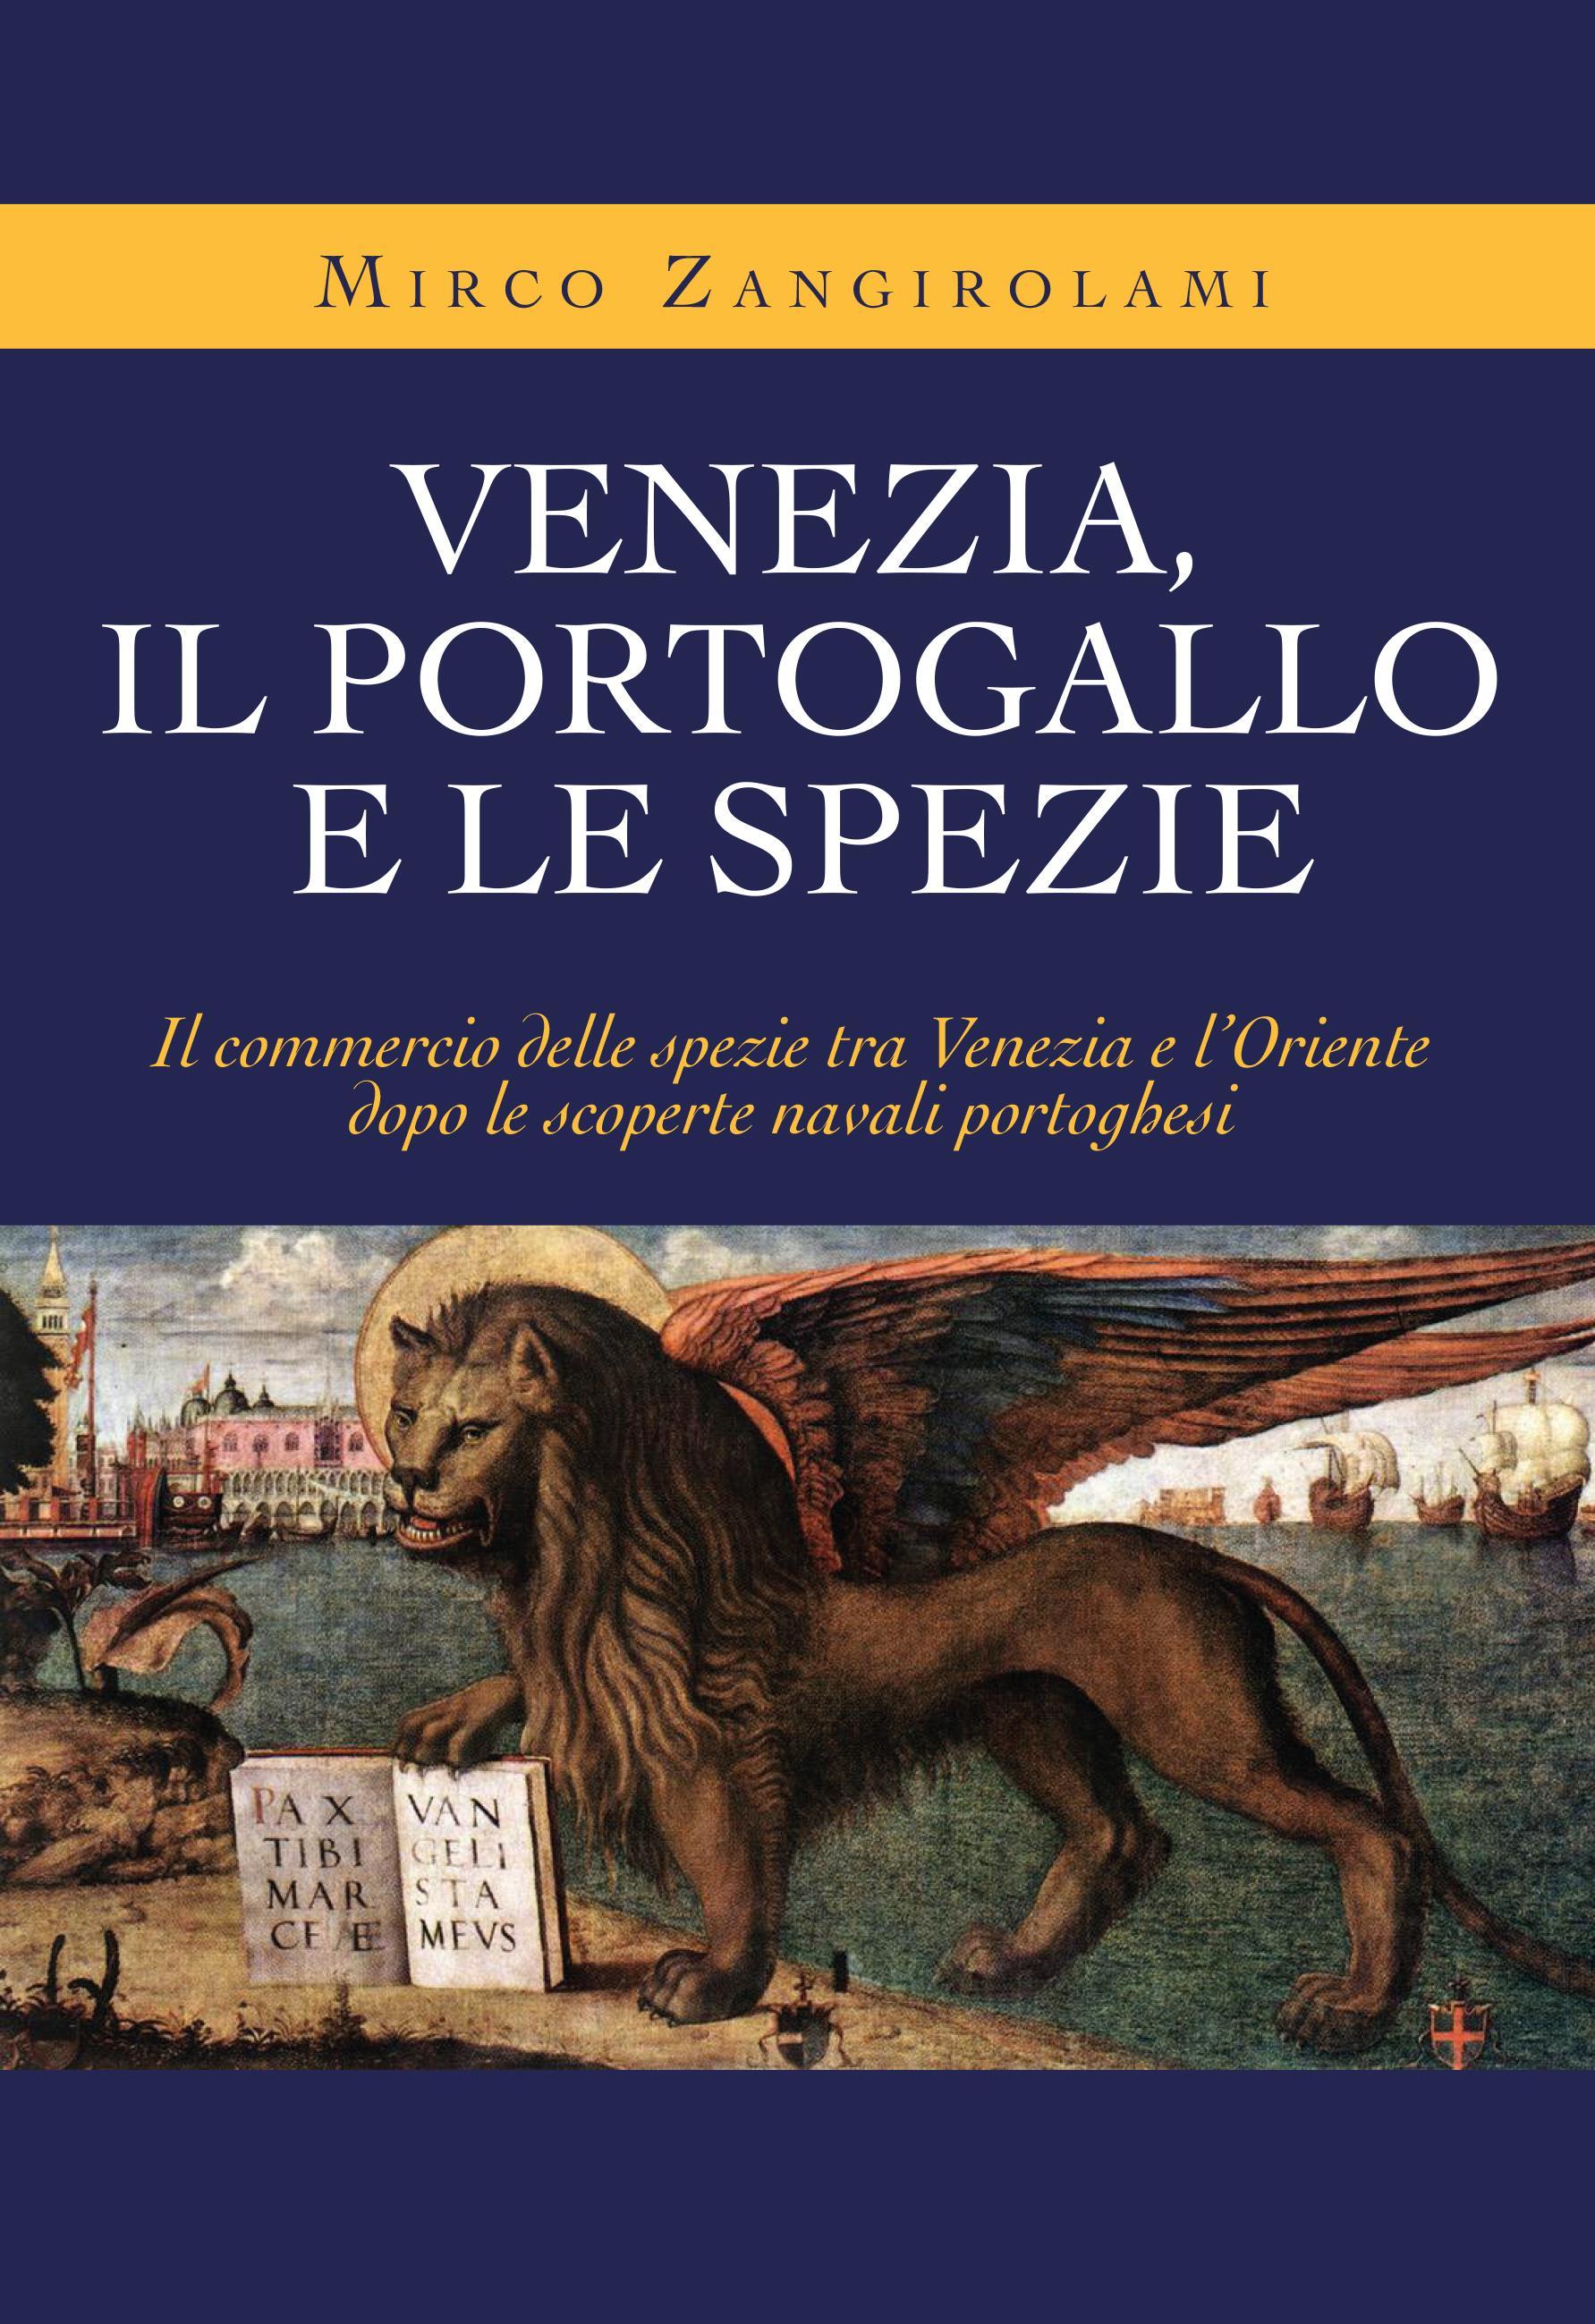 Venezia, Portogallo e le spezie